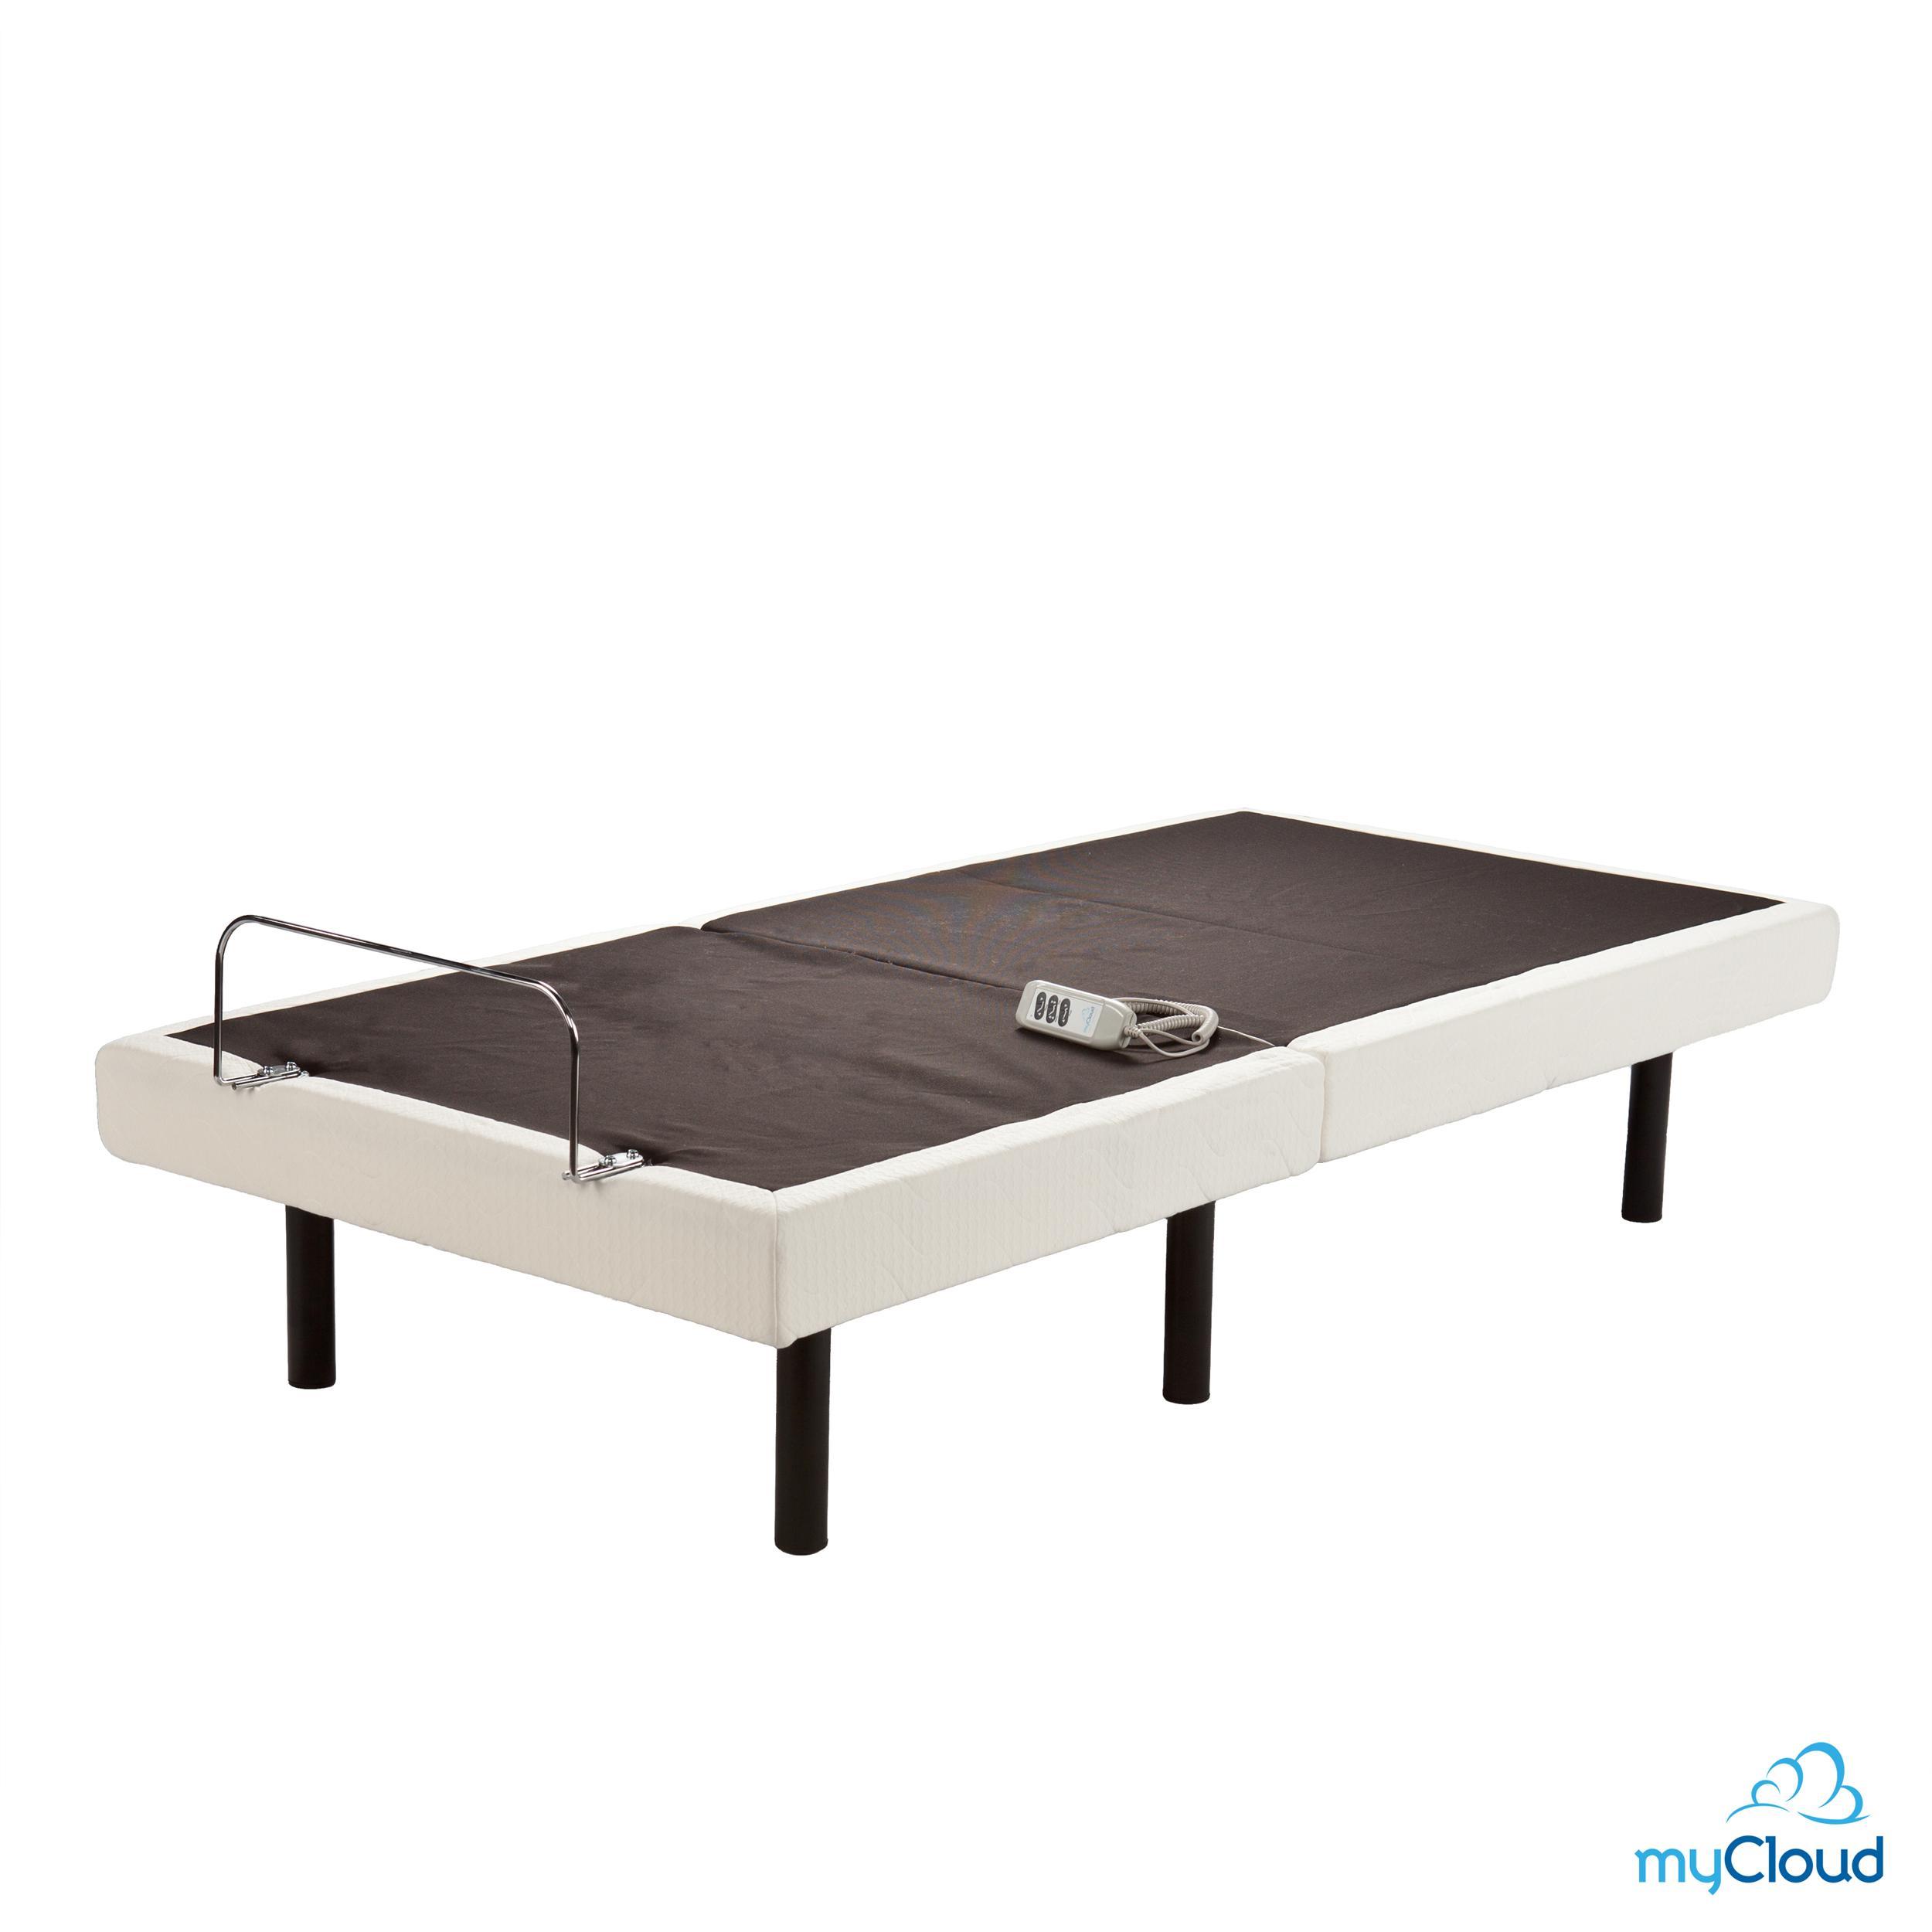 southern enterprises mycloud adjustable bed frame twin x large kitchen dining. Black Bedroom Furniture Sets. Home Design Ideas